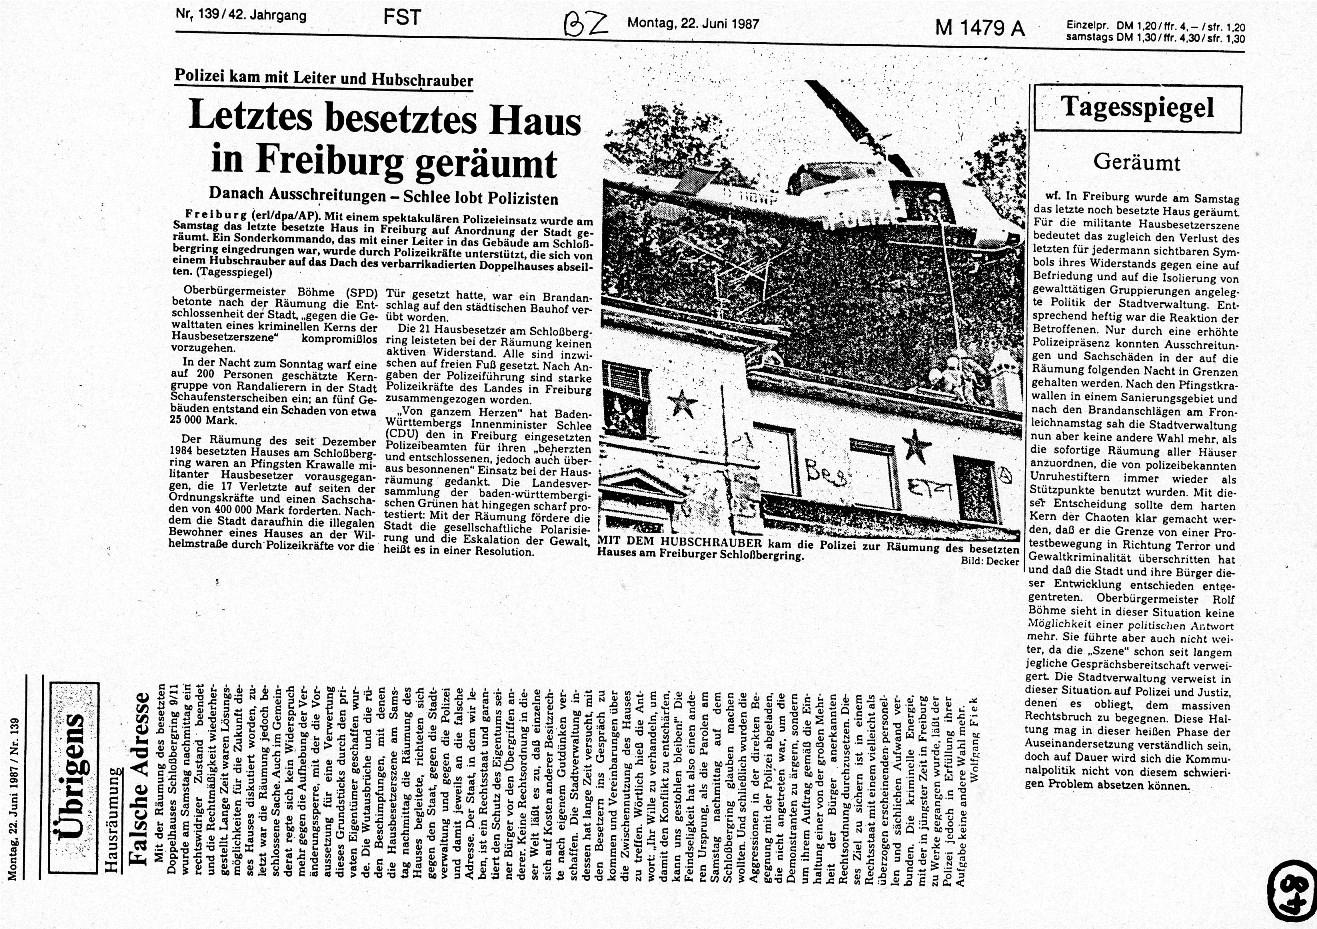 Freiburg_Hausbesetzung_03_Willi_und_andere_48